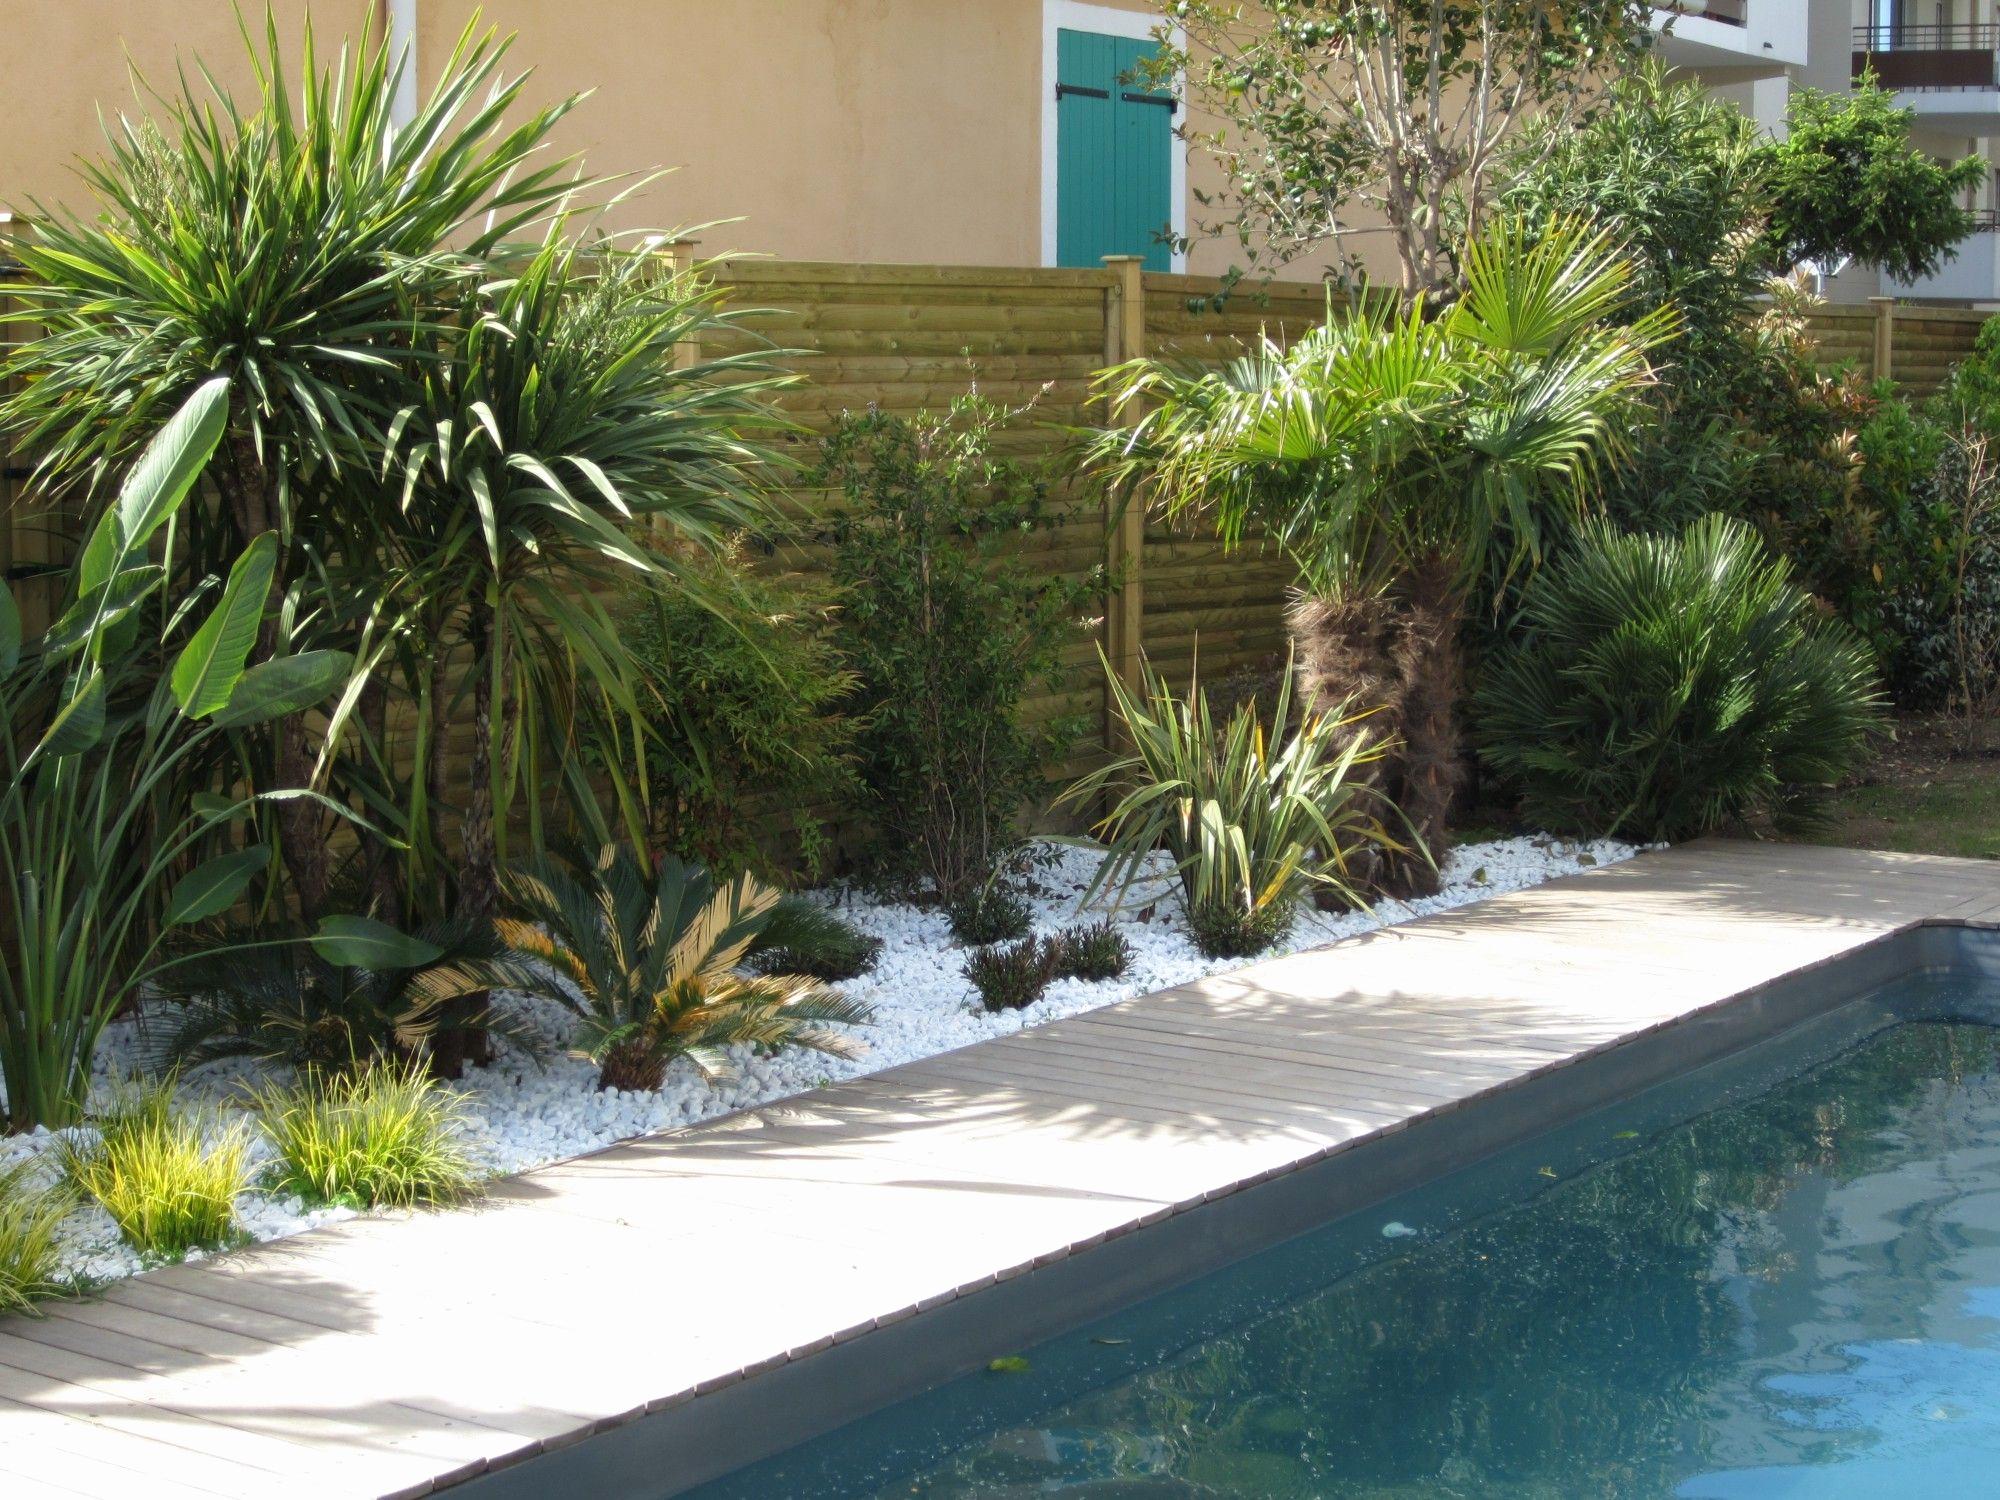 Bordure Jardin originale Inspirant Photos Bordures De Jardin originales Beau Point P Bordures De Jardin Plus